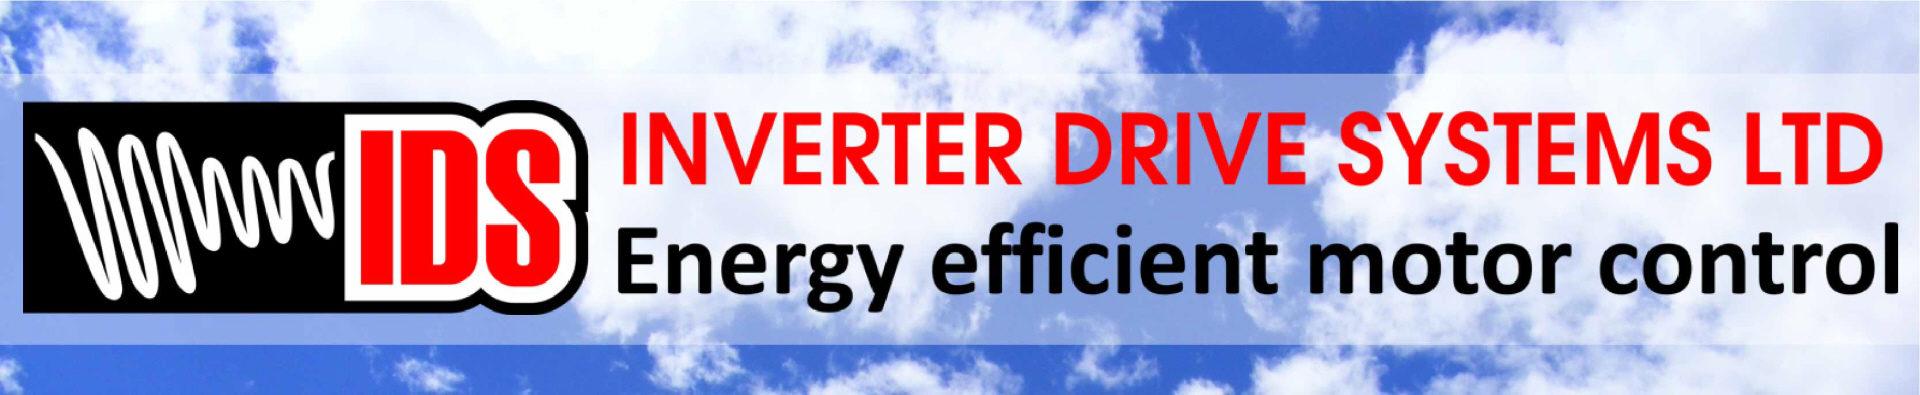 Inverter Drive Systems ABB Inverter AVP